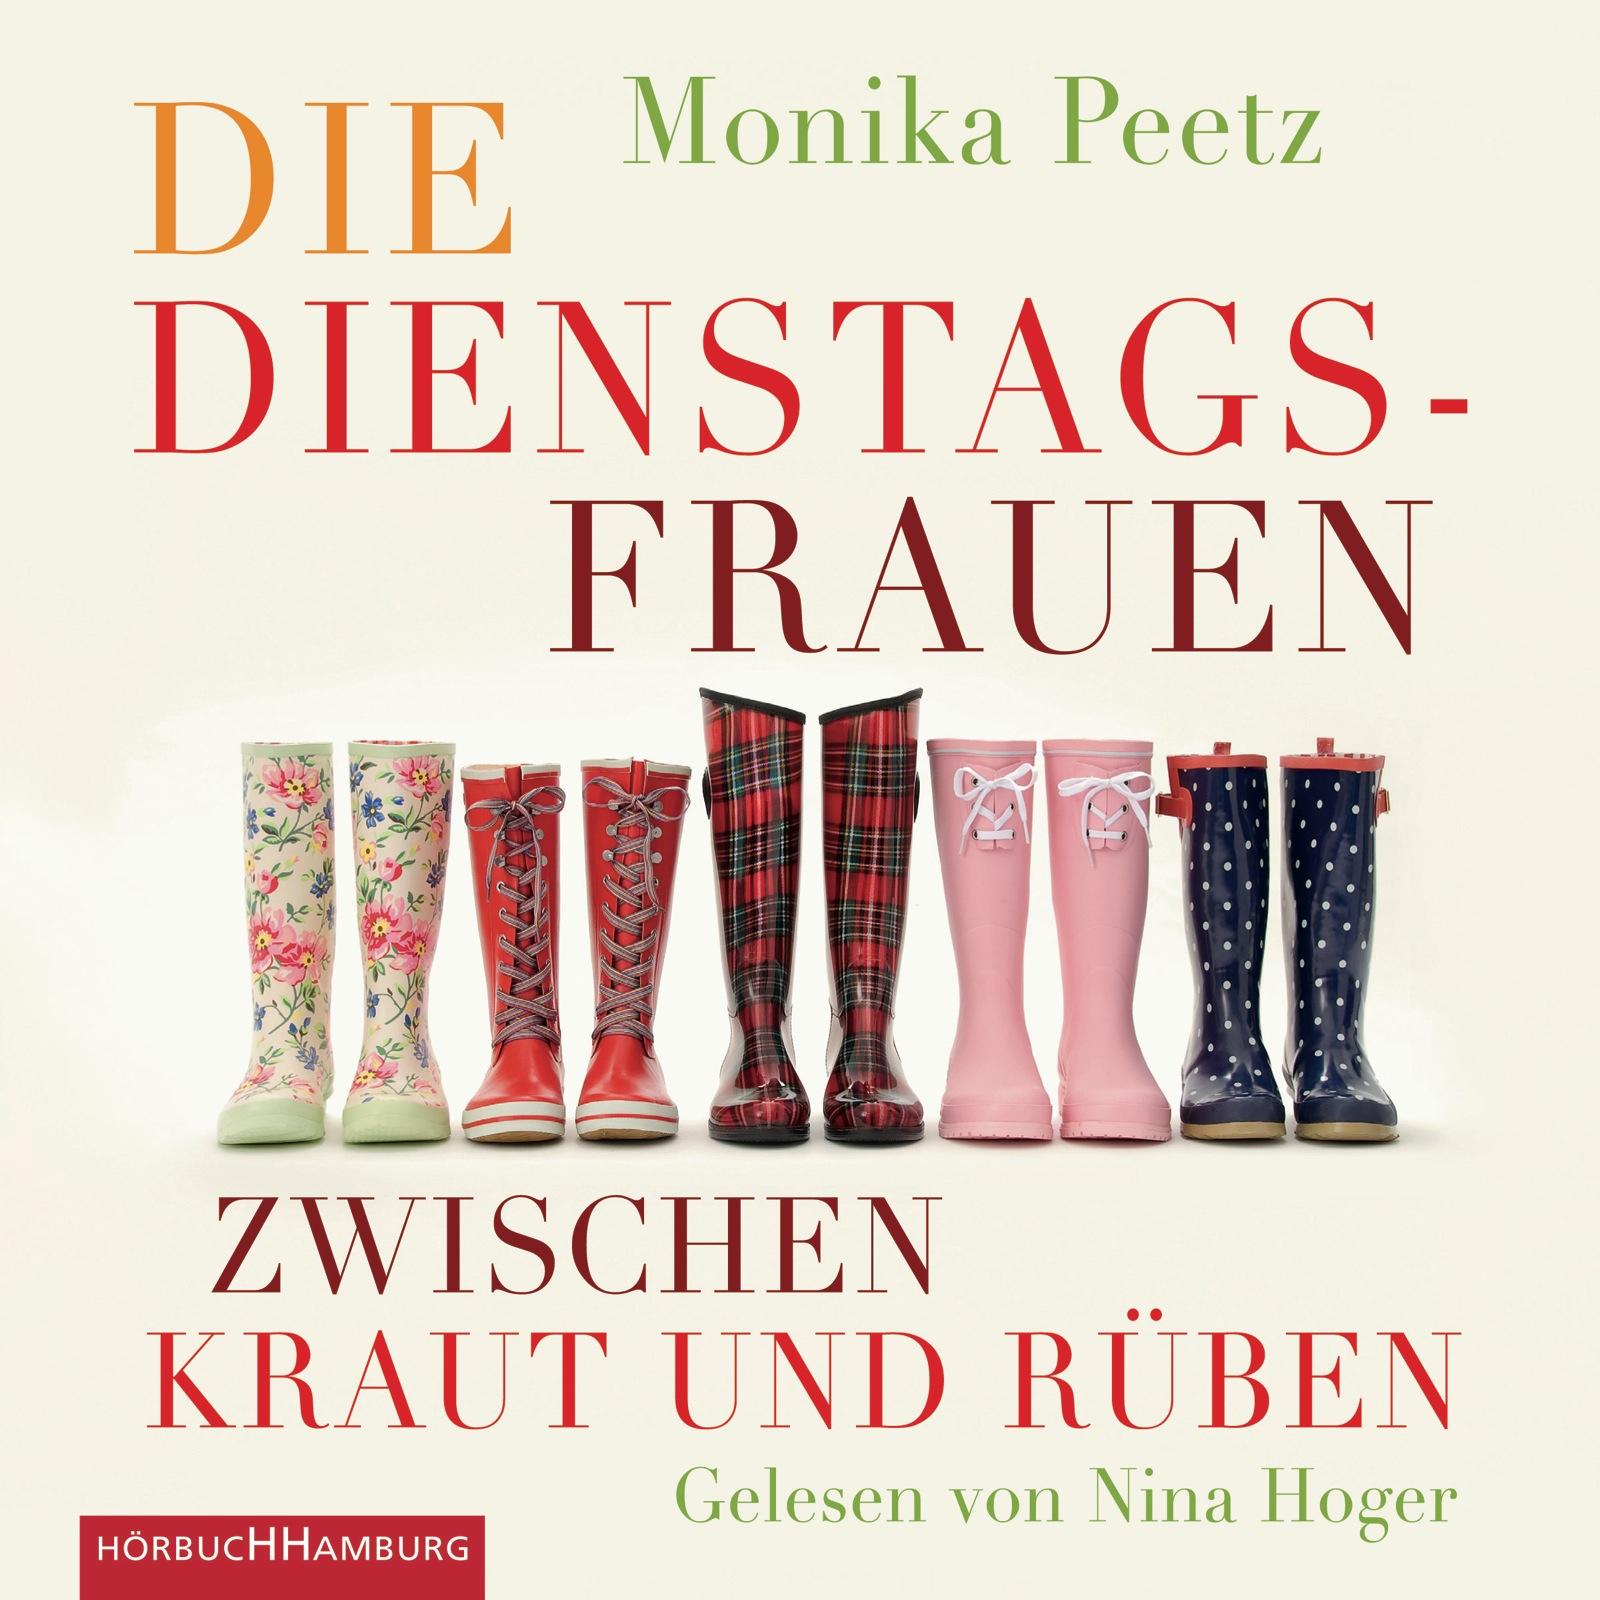 Die Dienstagsfrauen zwischen Kraut und Rüben - Monika Peetz [4 Audio CDs]